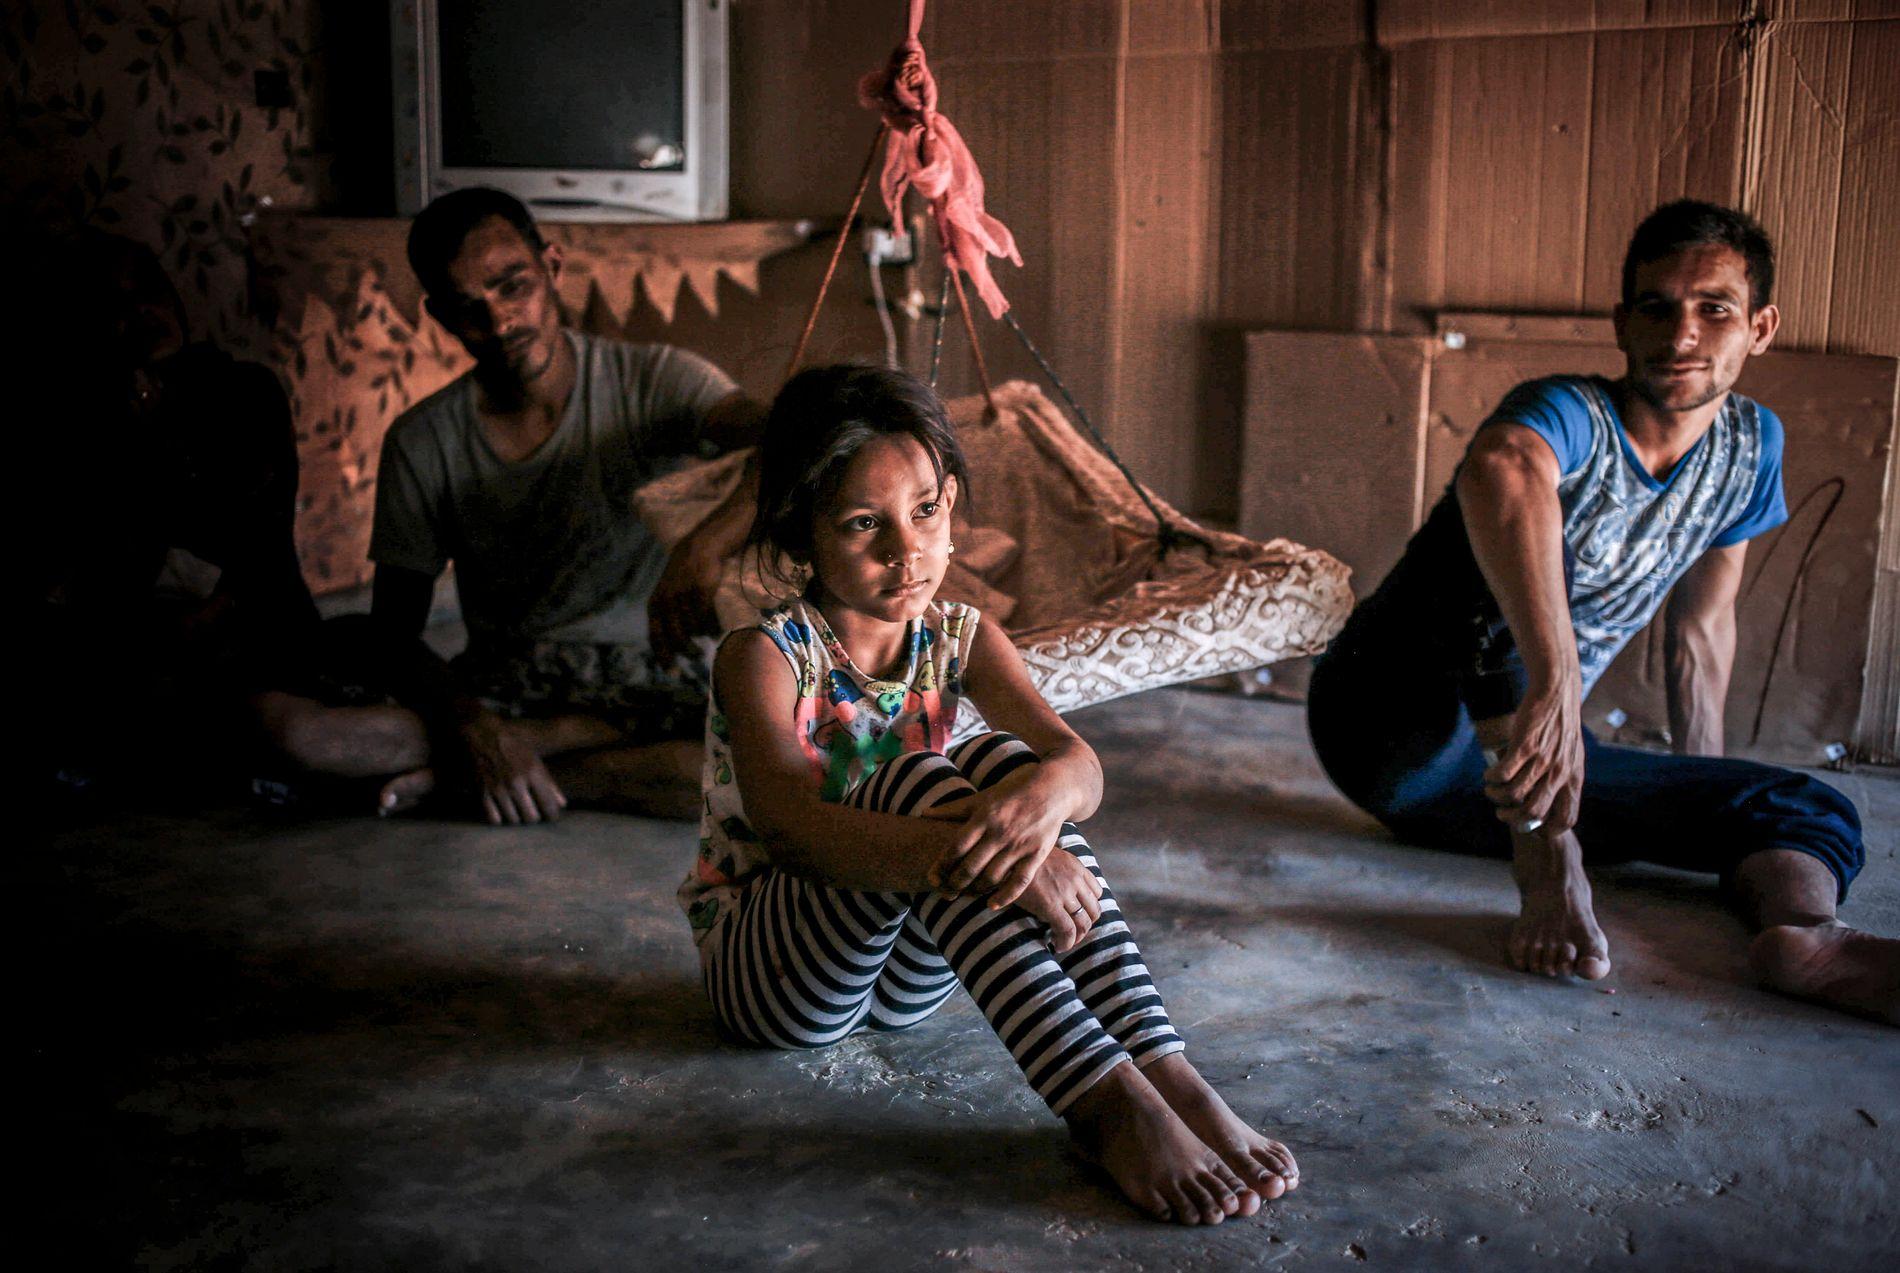 REISE ELLER BLI? Nermin (9) har levd mye av livet på flukt i Libanon. Til høyre sitter Alaa (19), som ønsker å returnere til Syria.